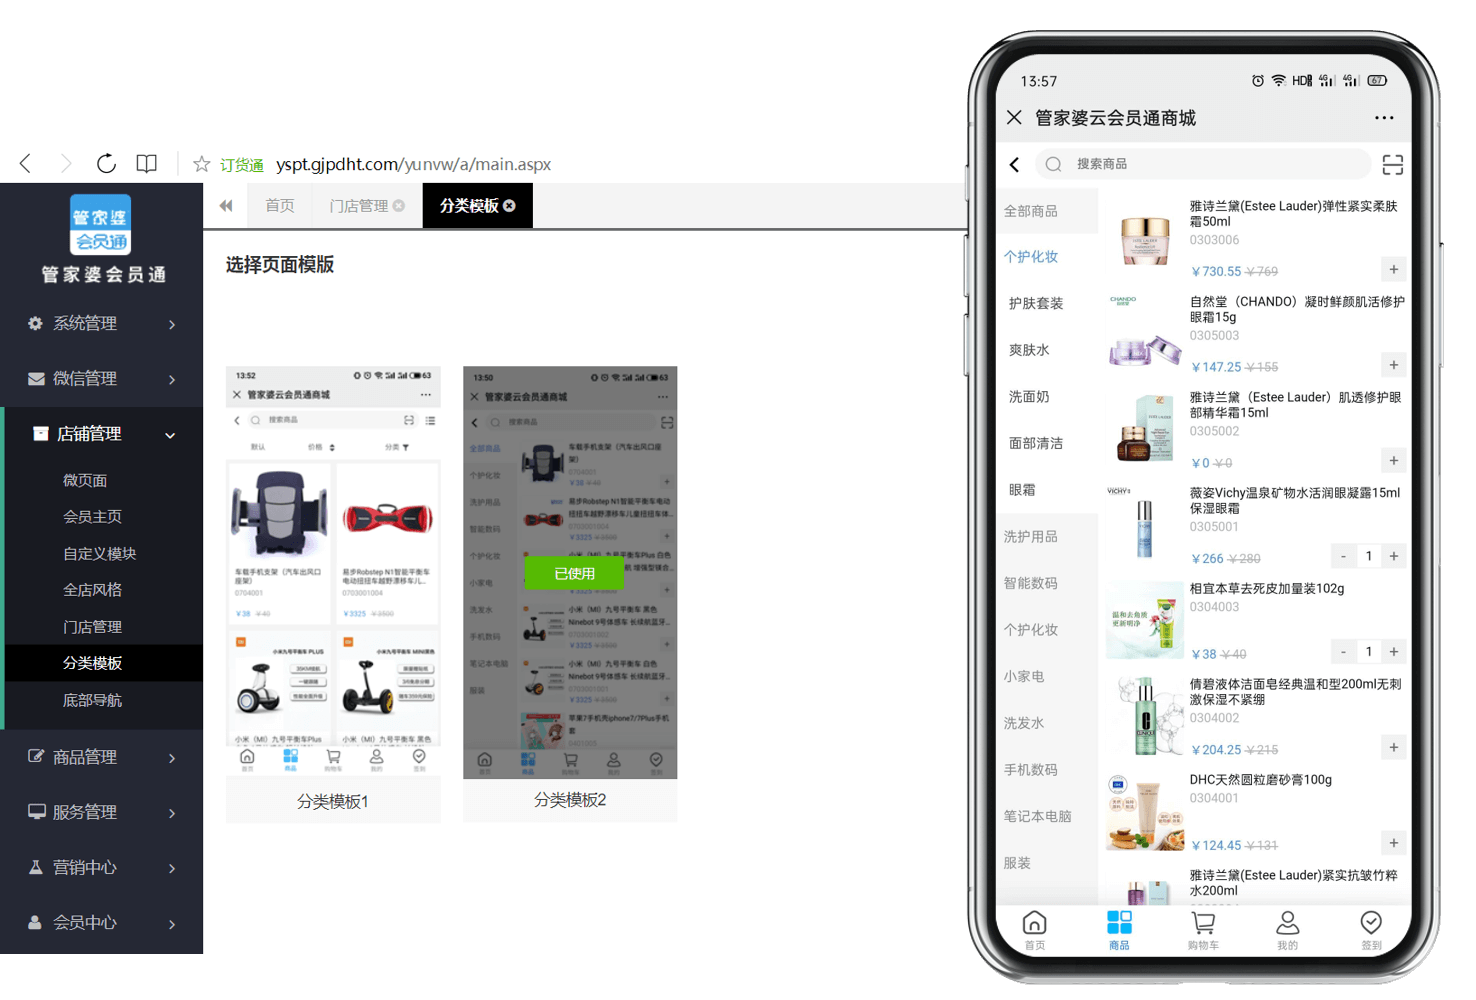 管家婆会员通V7.0增加前台产品中心左右分类显示样式模板